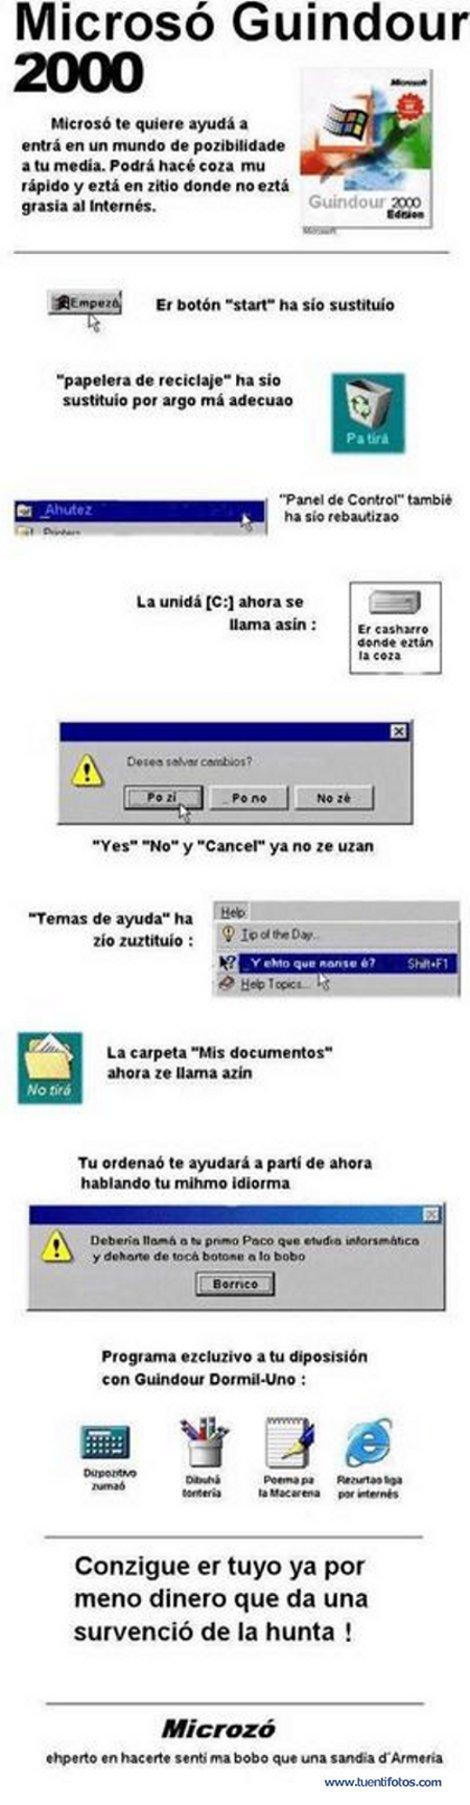 Textos de Microso Guindour 2000 Andaluz